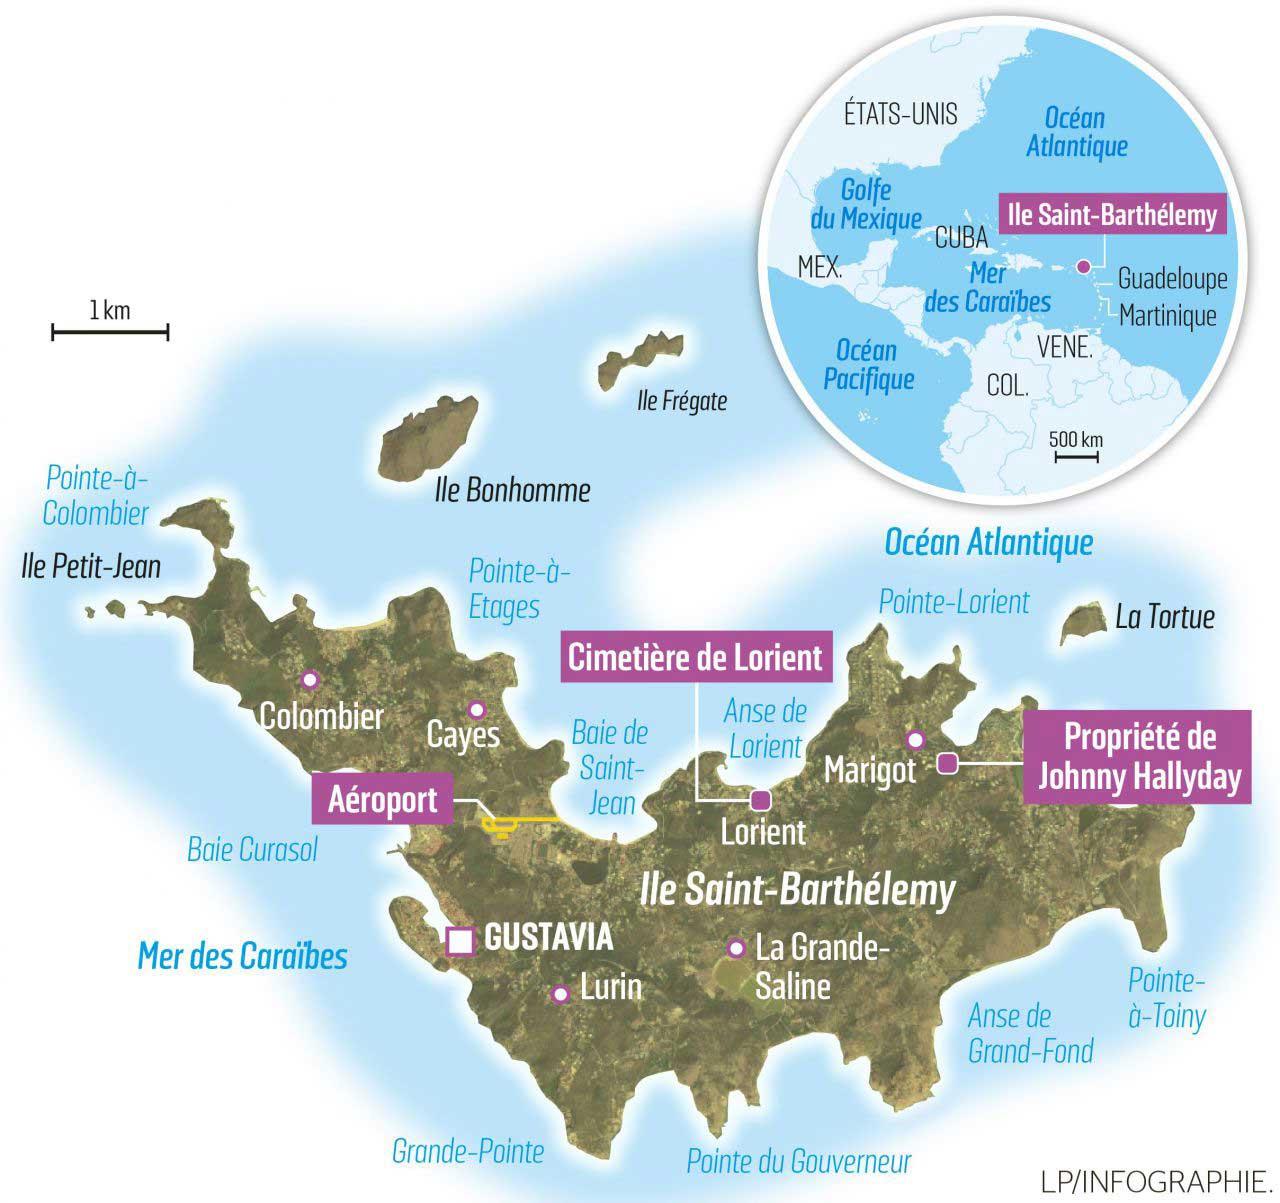 saint barth carte geographique Saint Barthélemy   Carte du monde » Vacances   Arts  Guides Voyages